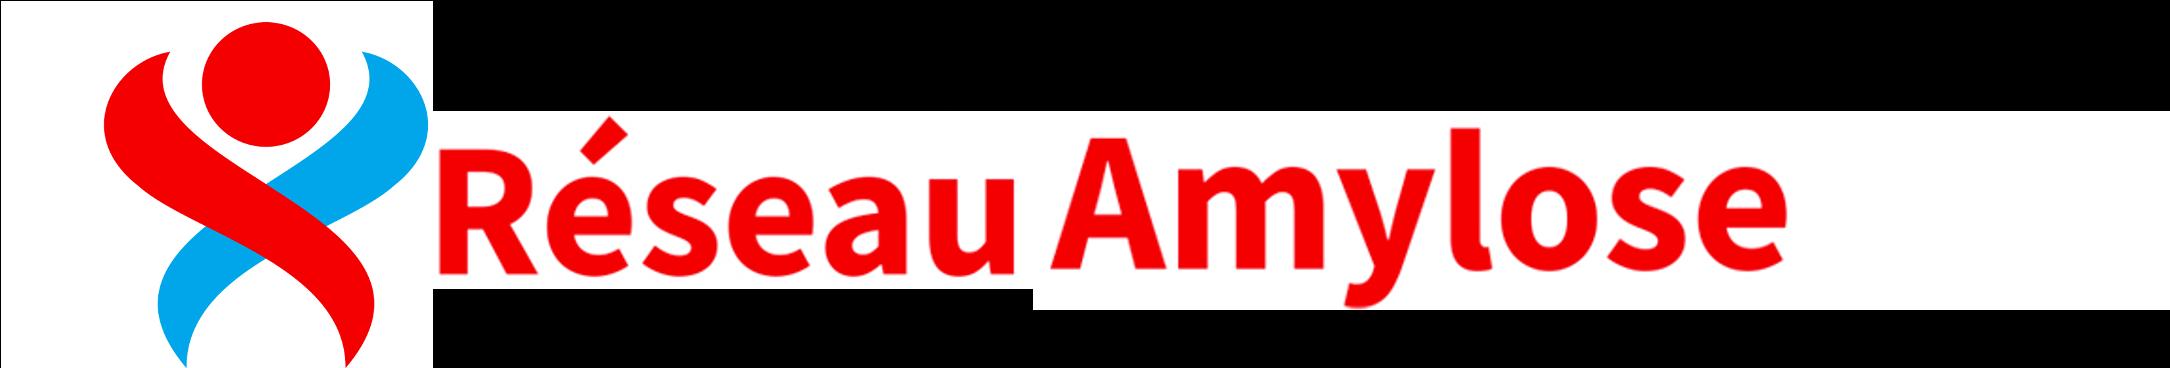 Réseau Amylose - réseau de soins